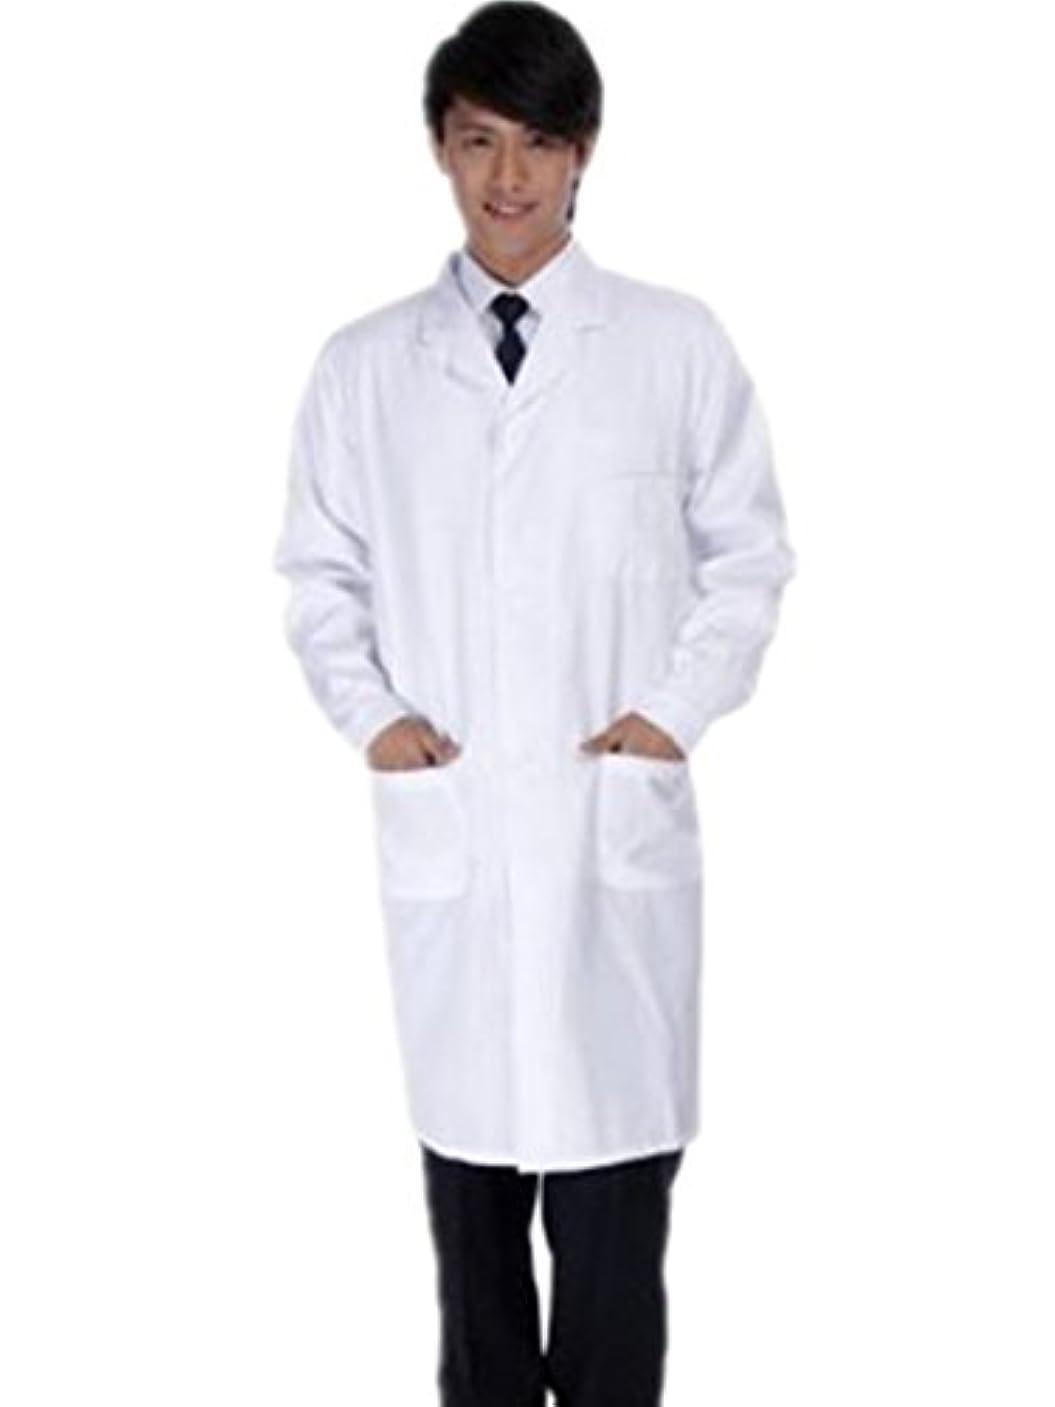 用心ホステル侵入する男性用医師 白衣 長袖 コスチューム 白 メンズ Sサイズ